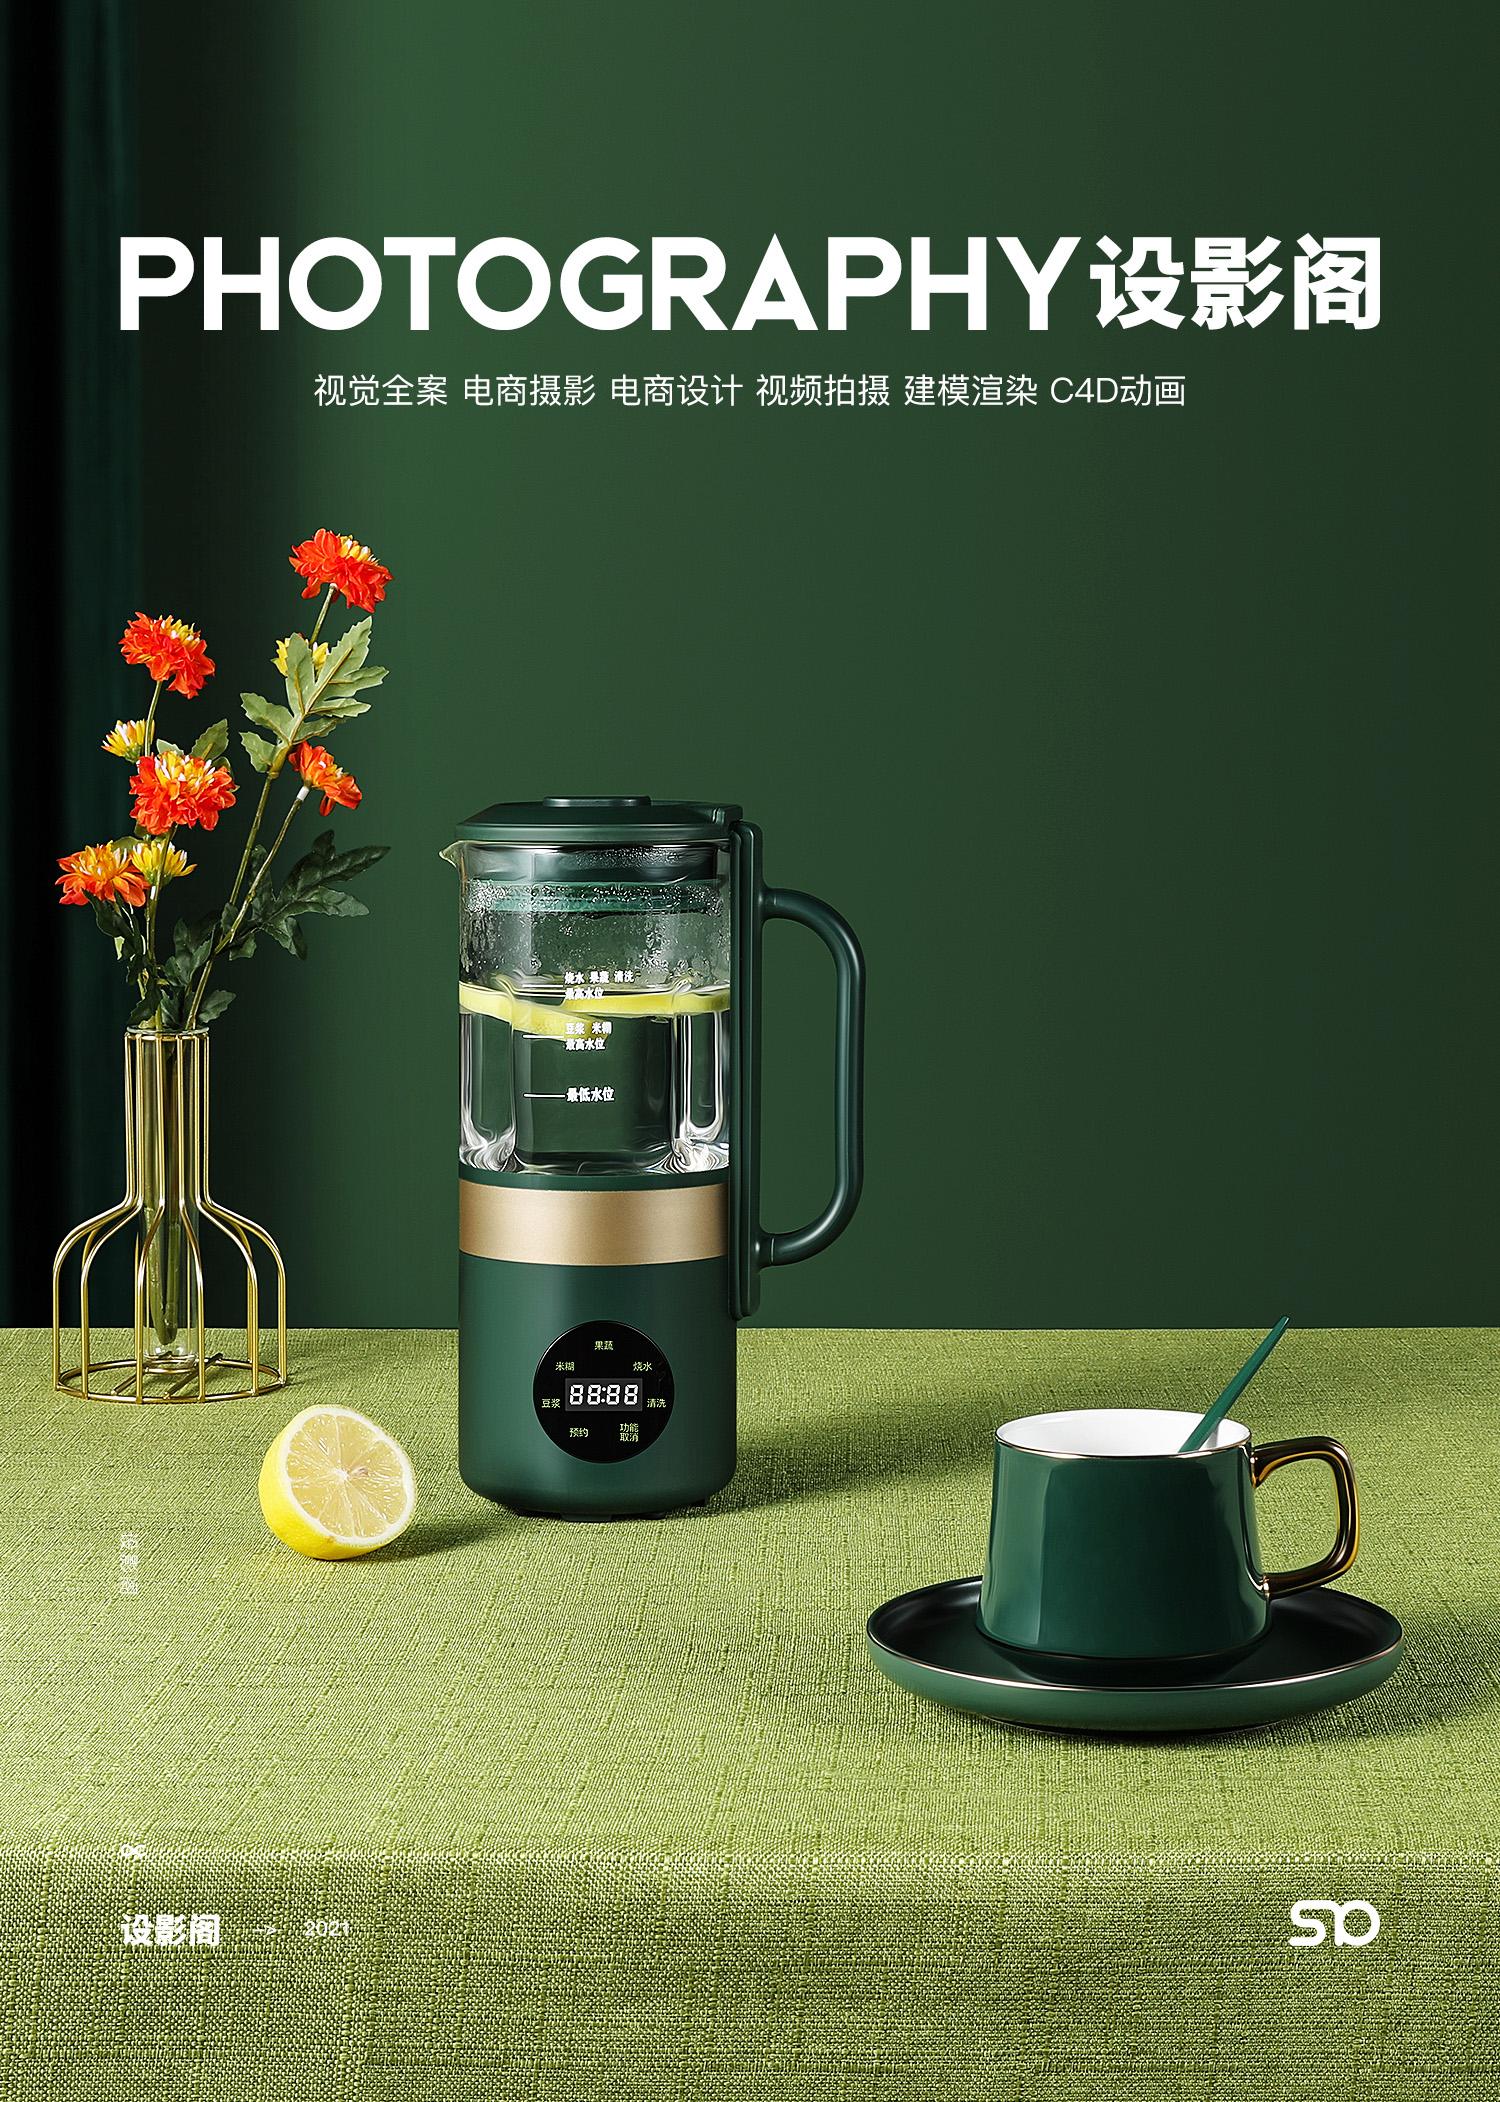 复古绿豆浆机/详情页设计